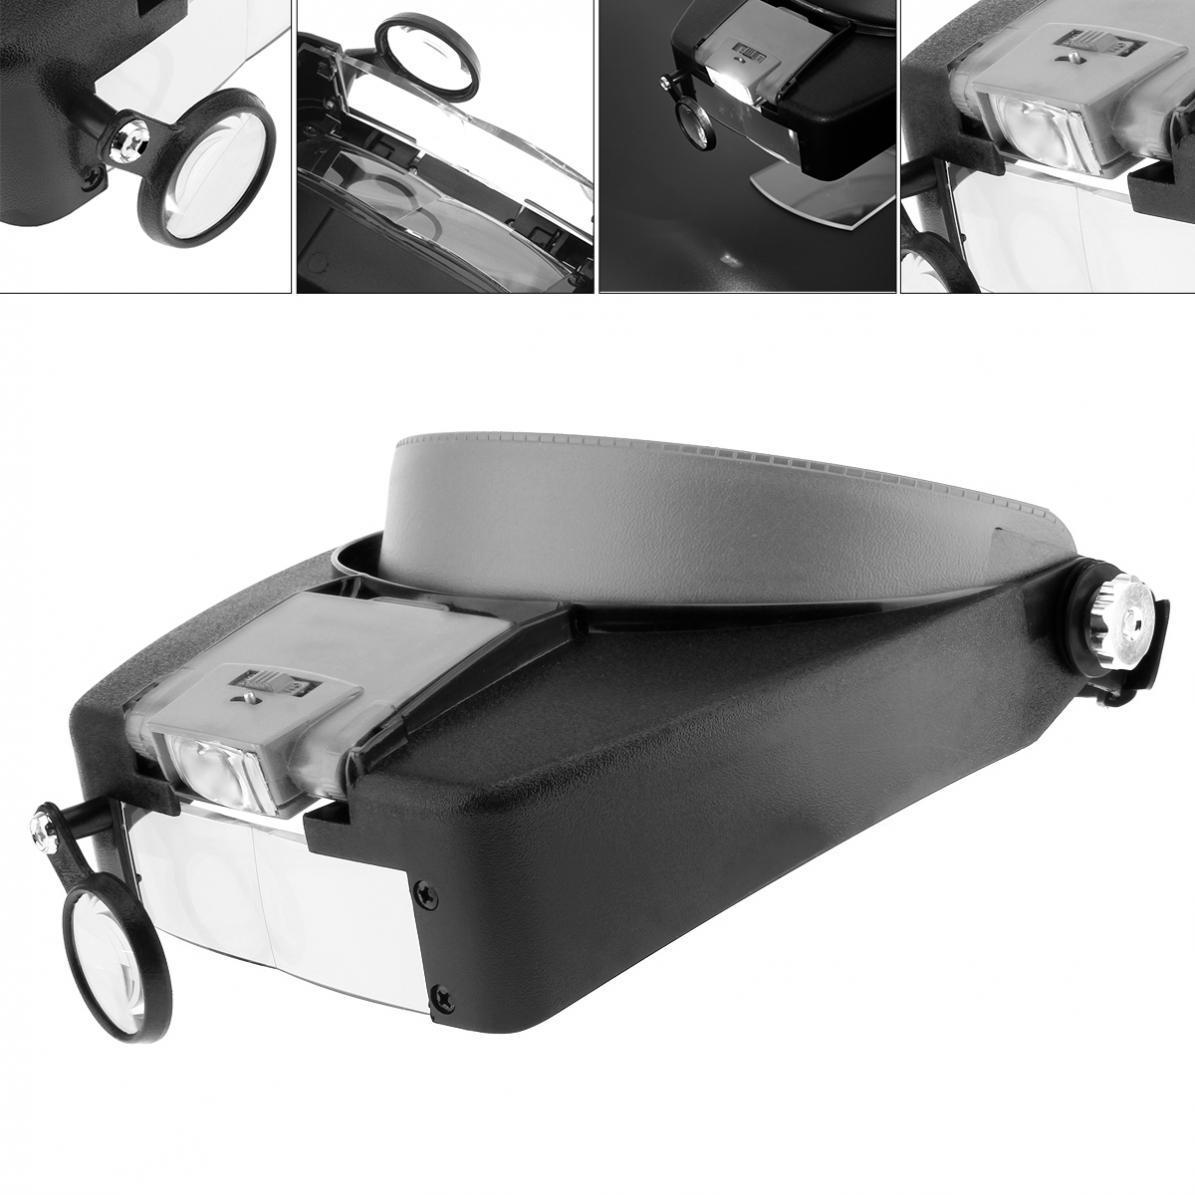 Hotsale lupa microscópio estilo capacete lupa lupa lupas com luz led luzes de leitura ou reparação uso